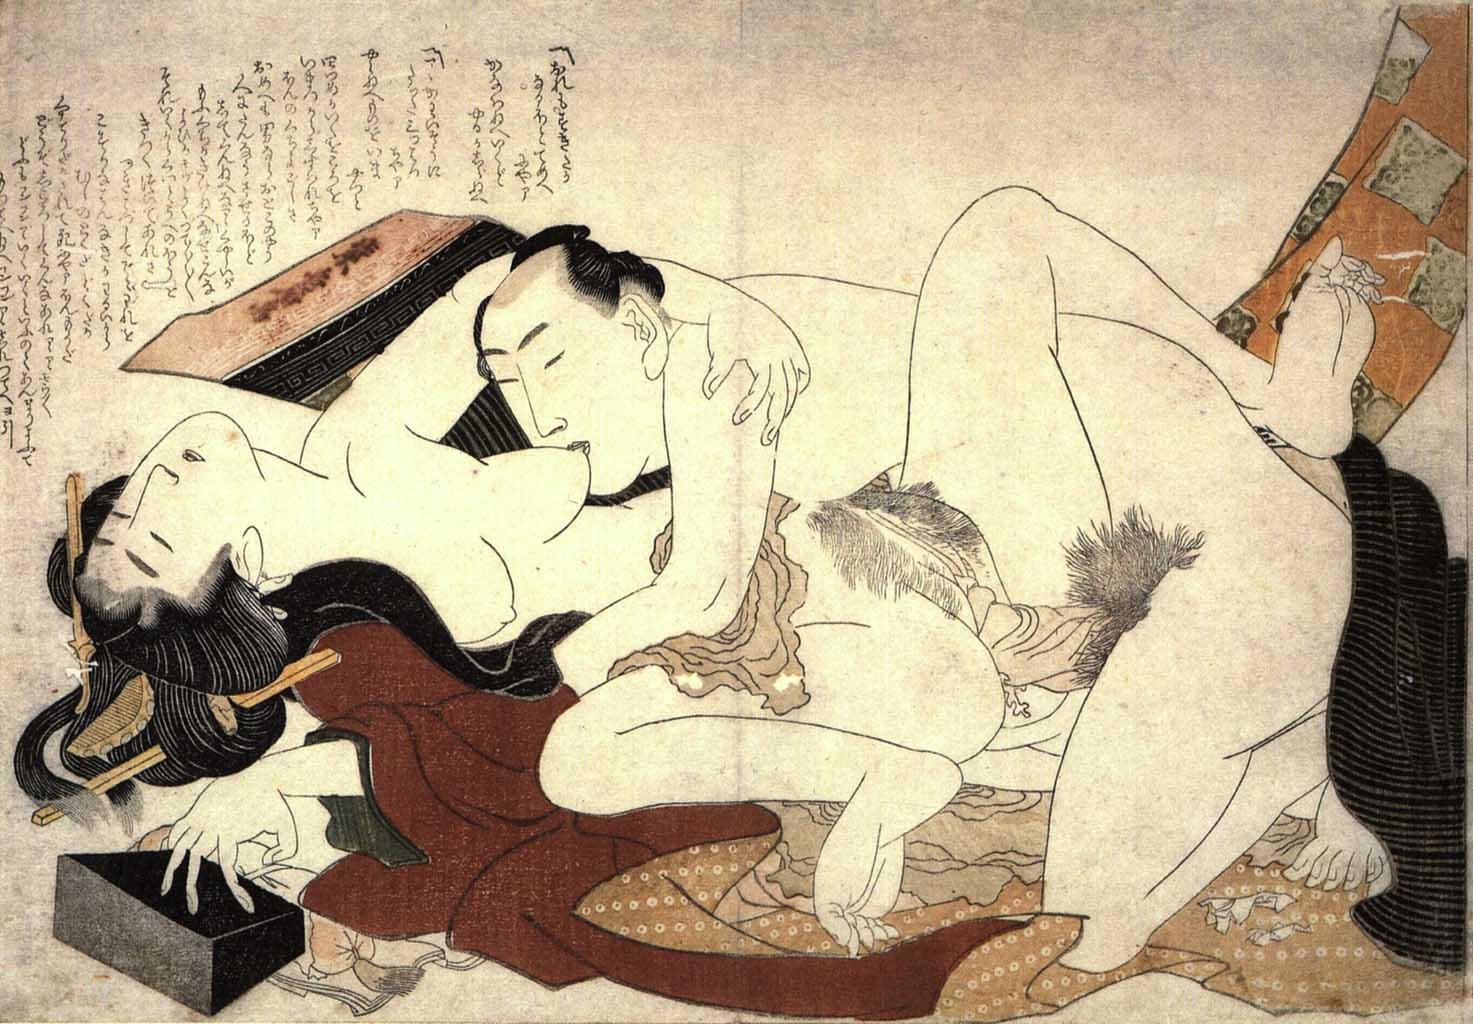 Кацусика Хокусай (Katsushika Hokusai), Shunga – 18